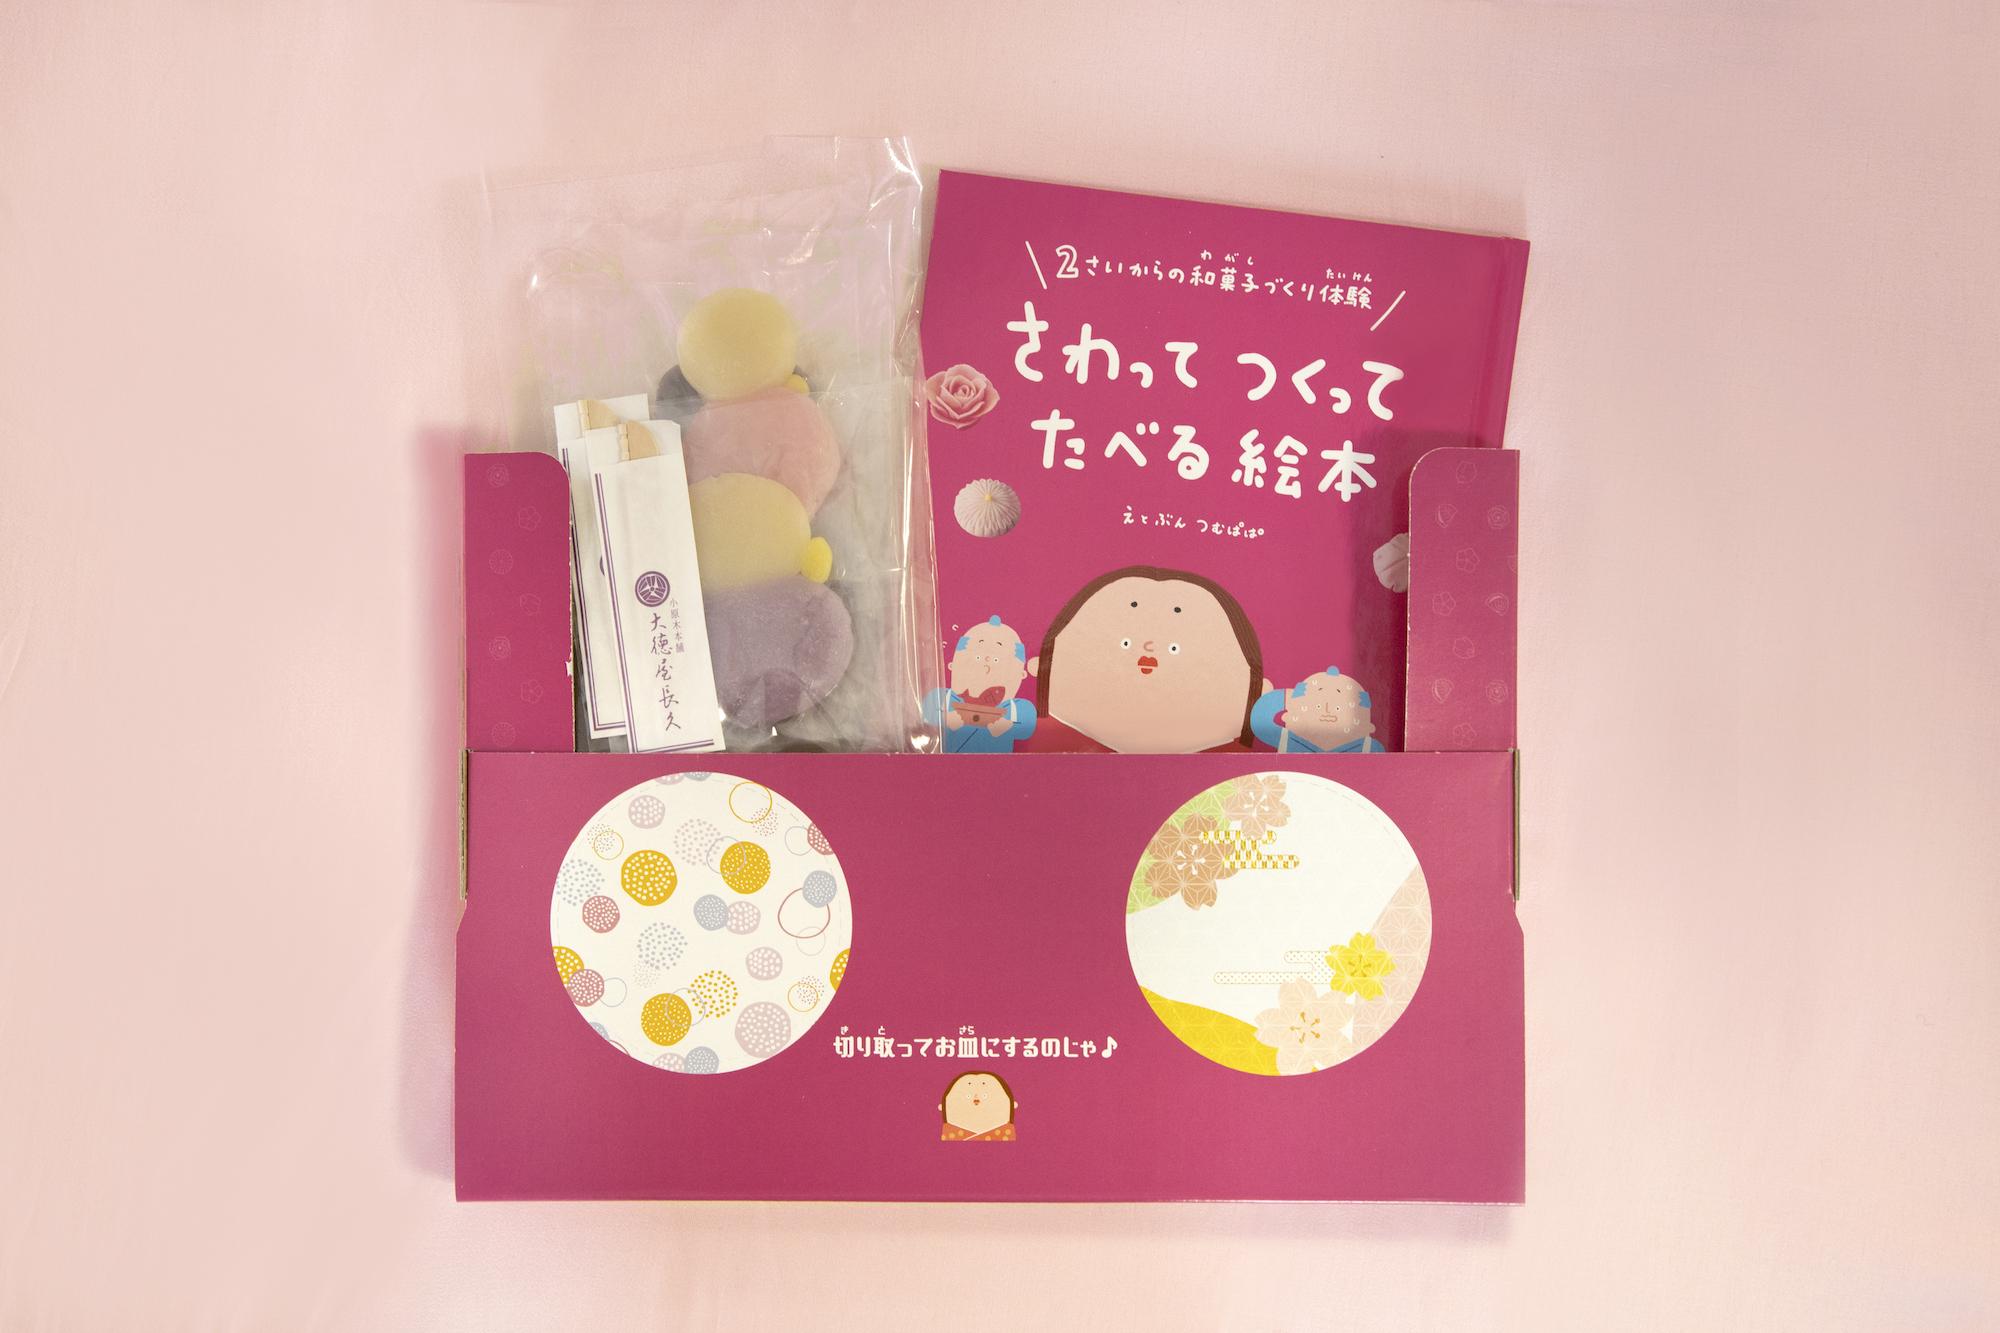 子どもと一緒にお家で和菓子がつくれる!《さわってつくってたべる絵本》を楽しもう